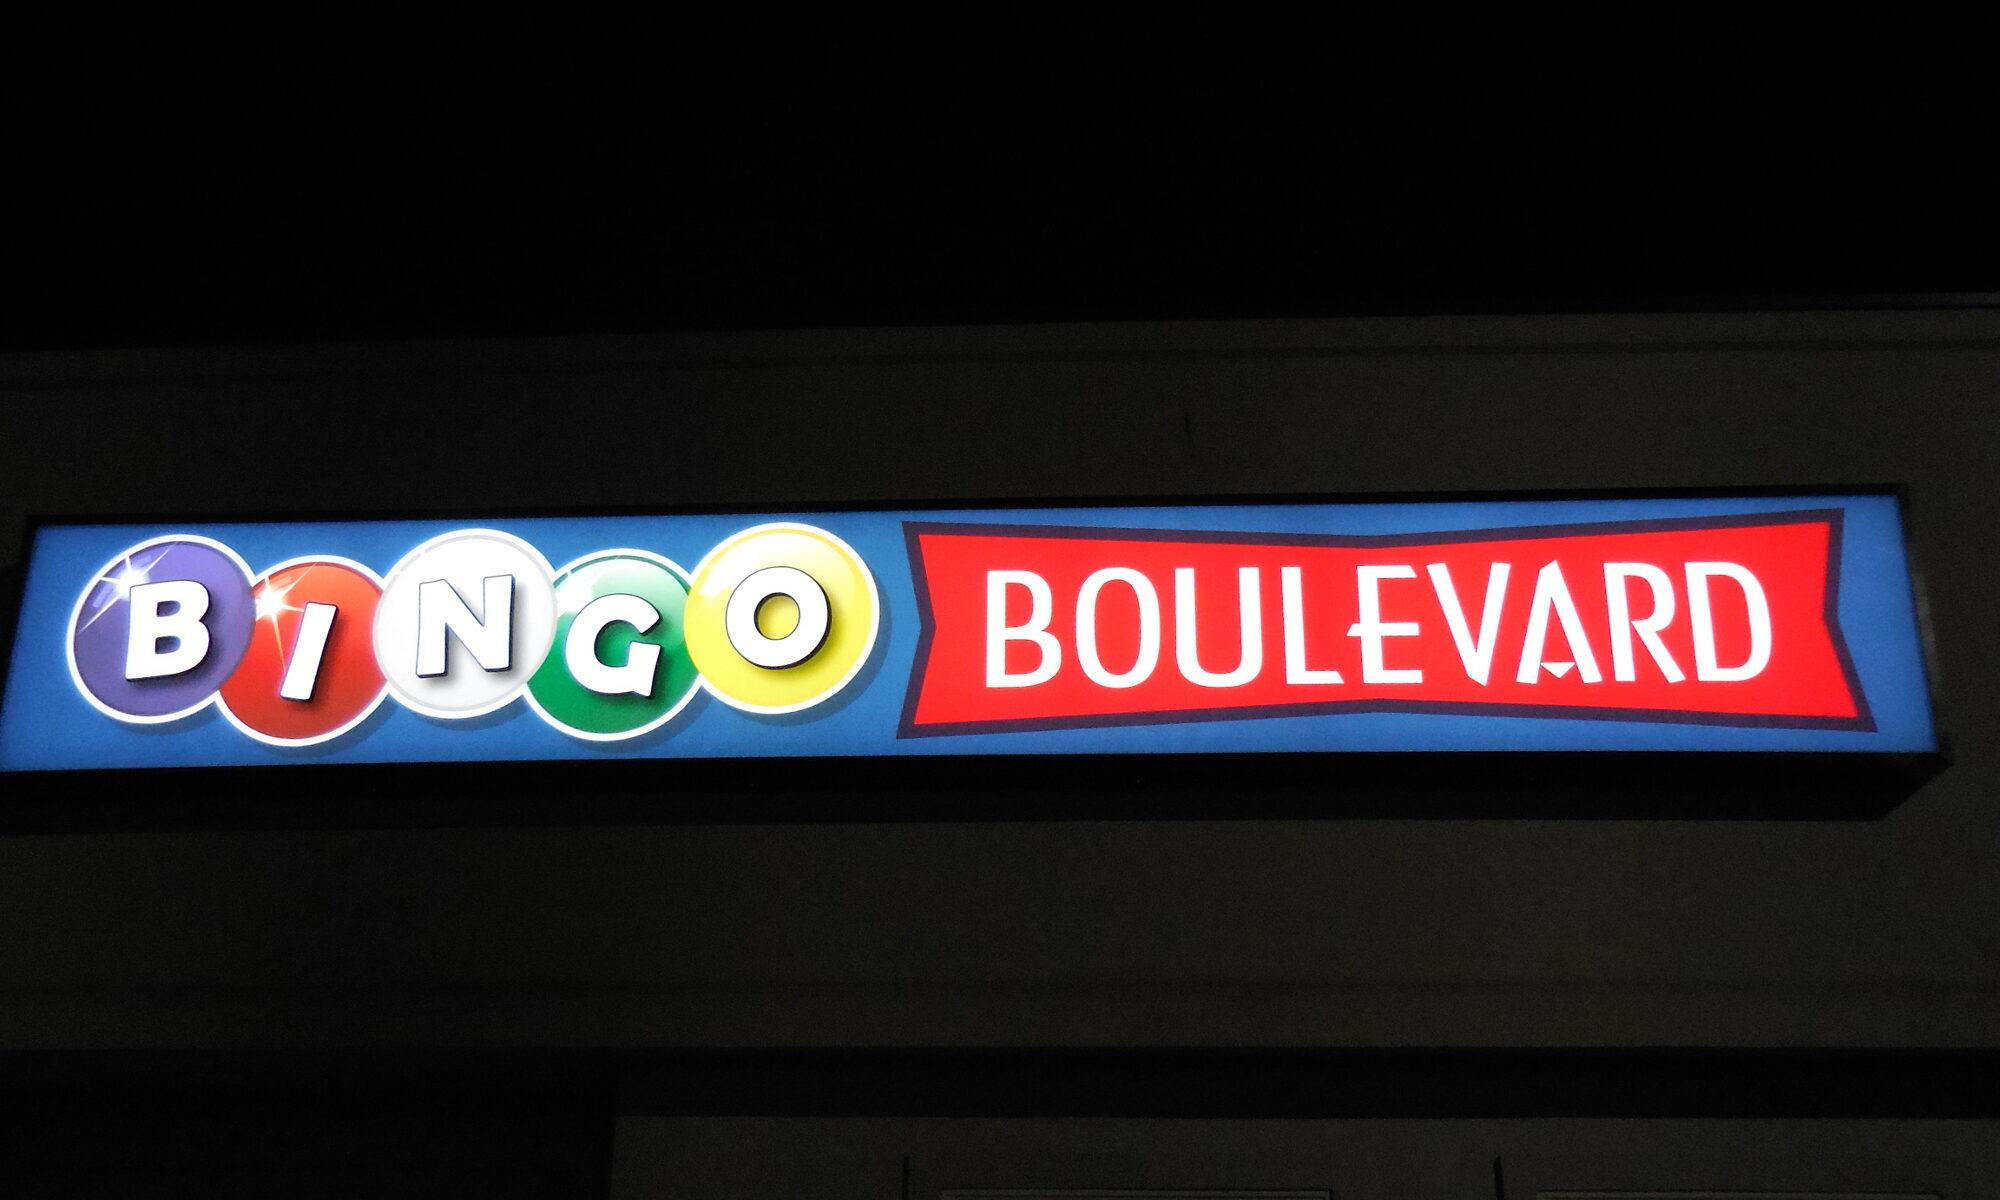 Bingo Boulevard